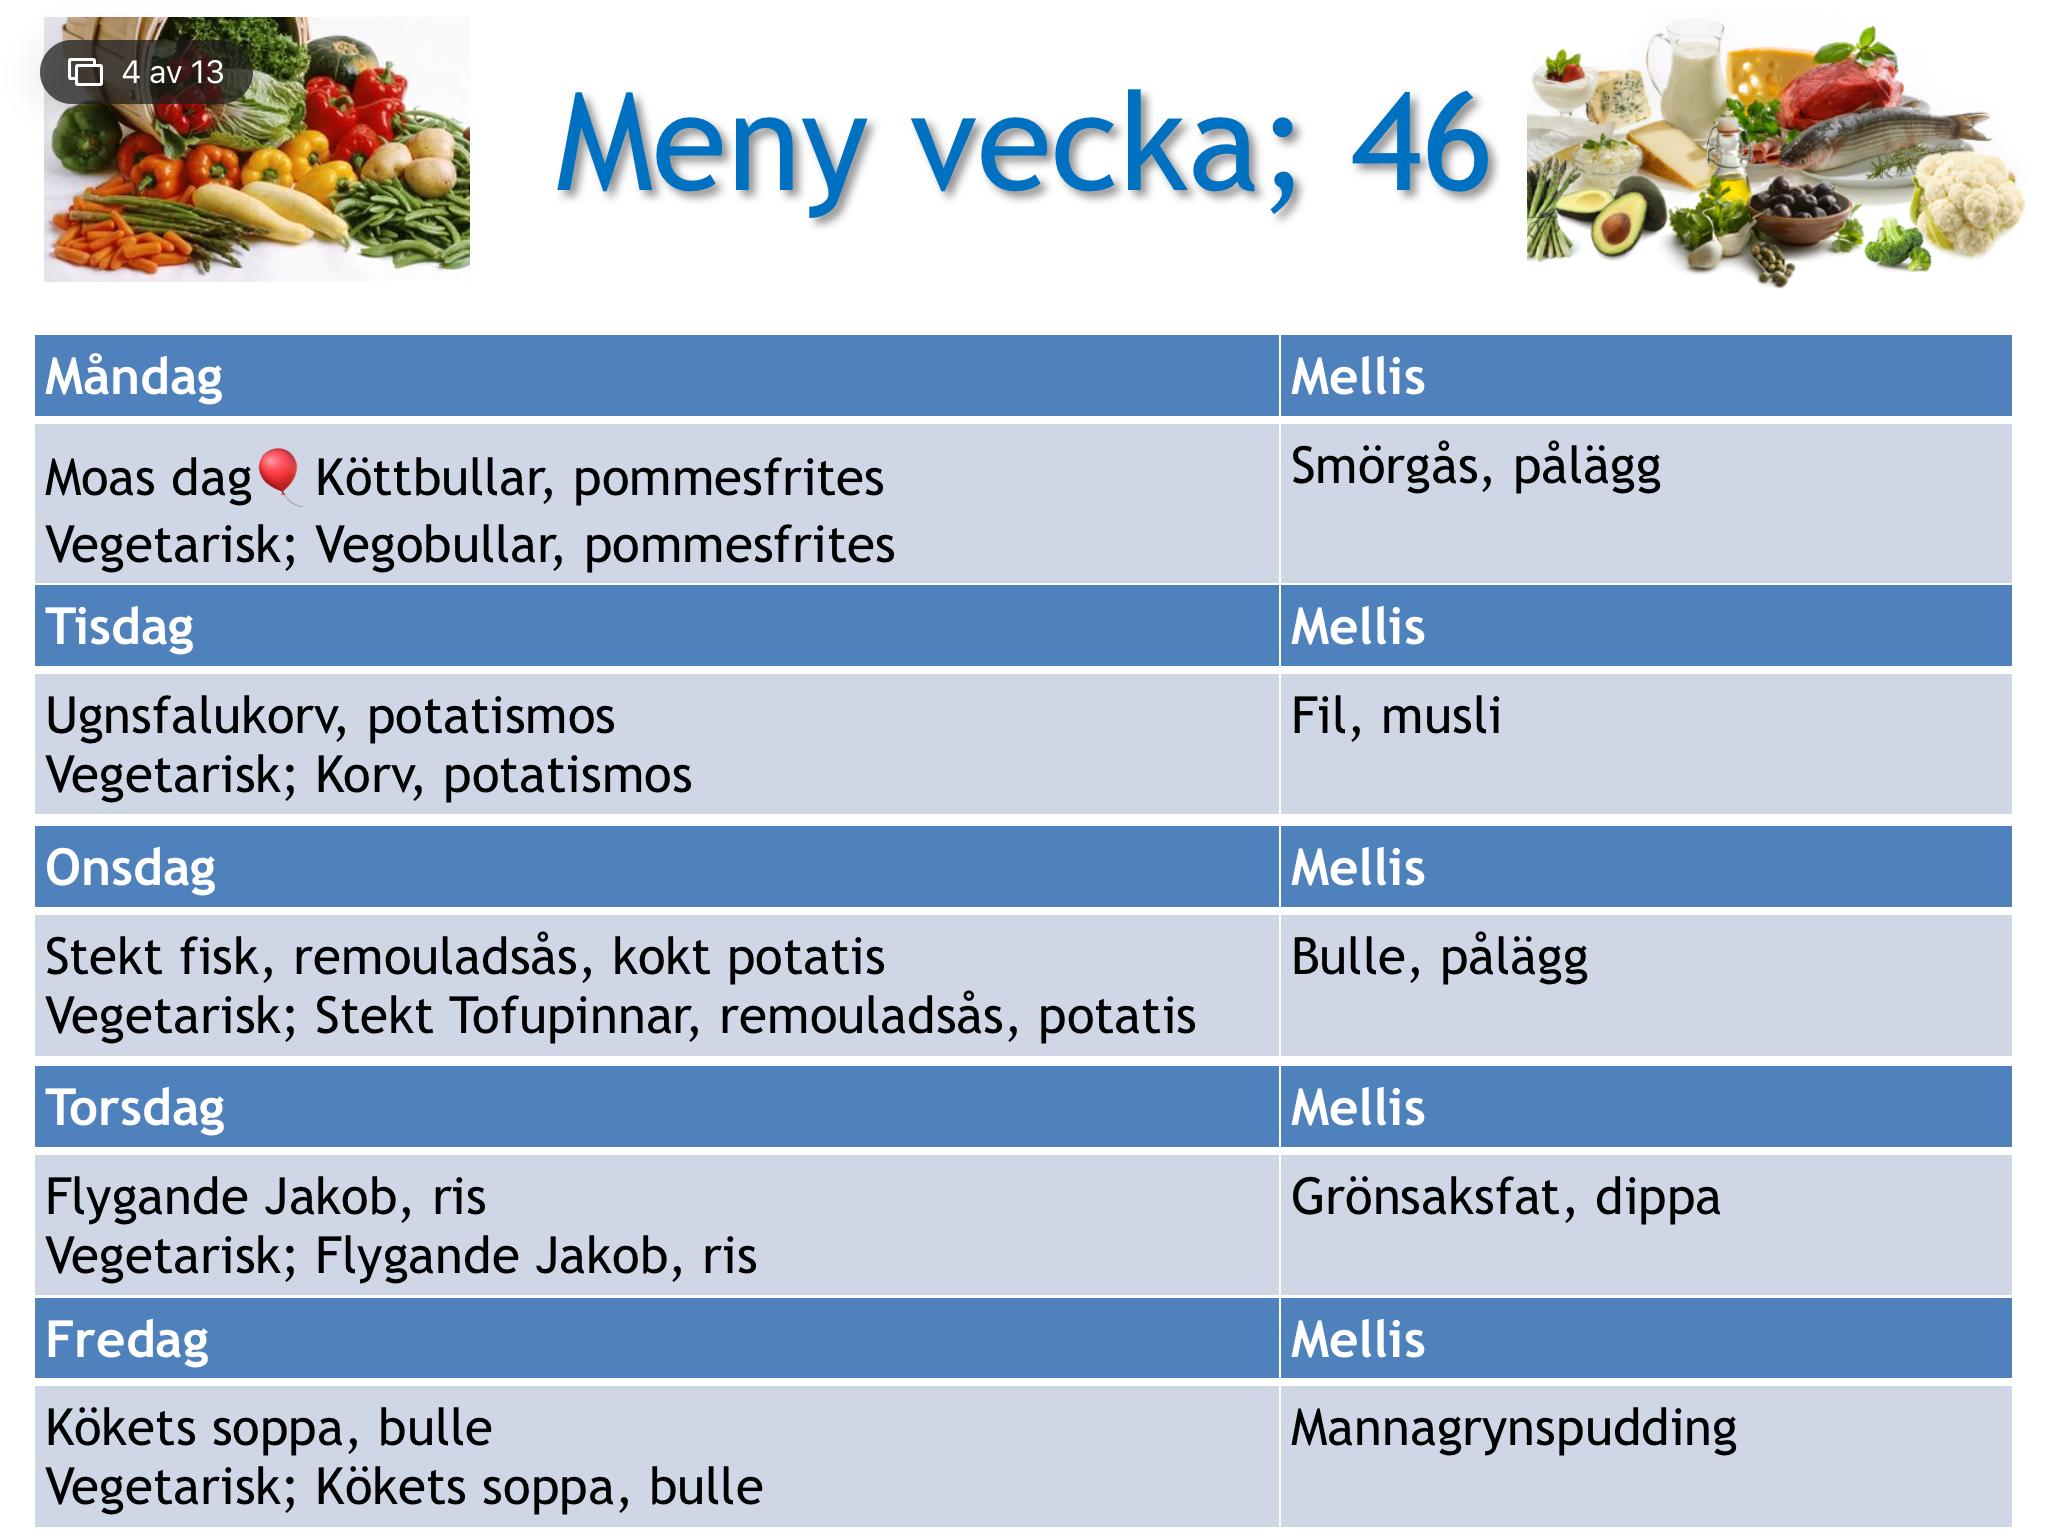 vegetarisk meny vecka